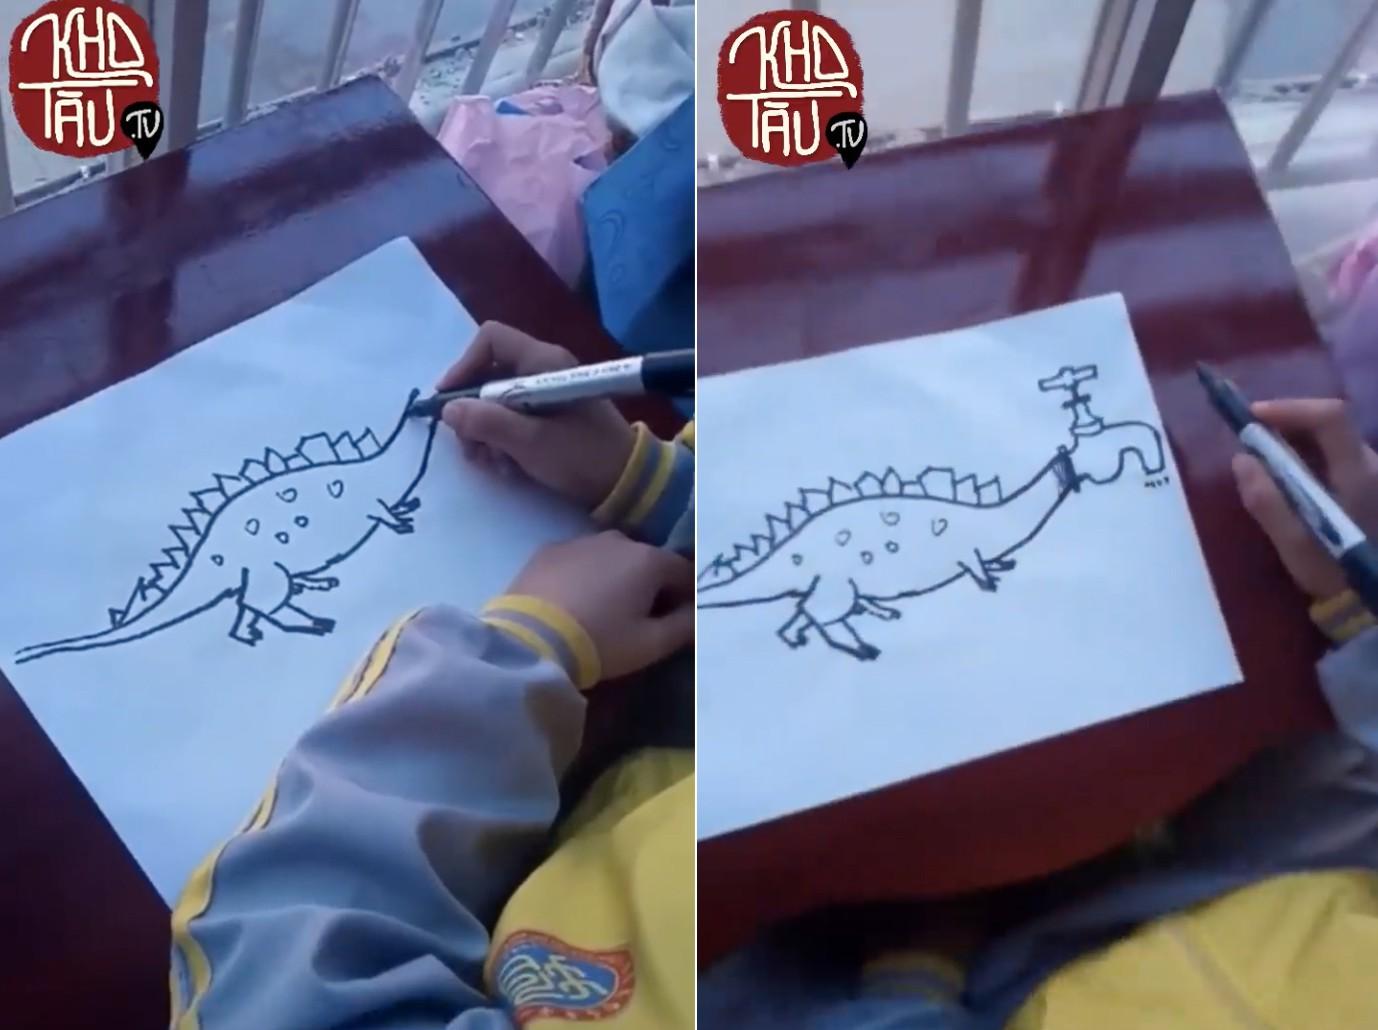 Tài năng có hạn nhưng vẫn thích thể hiện, anh trai vẽ rồng giúp em gái và cái kết cười ra nước mắt - Ảnh 1.